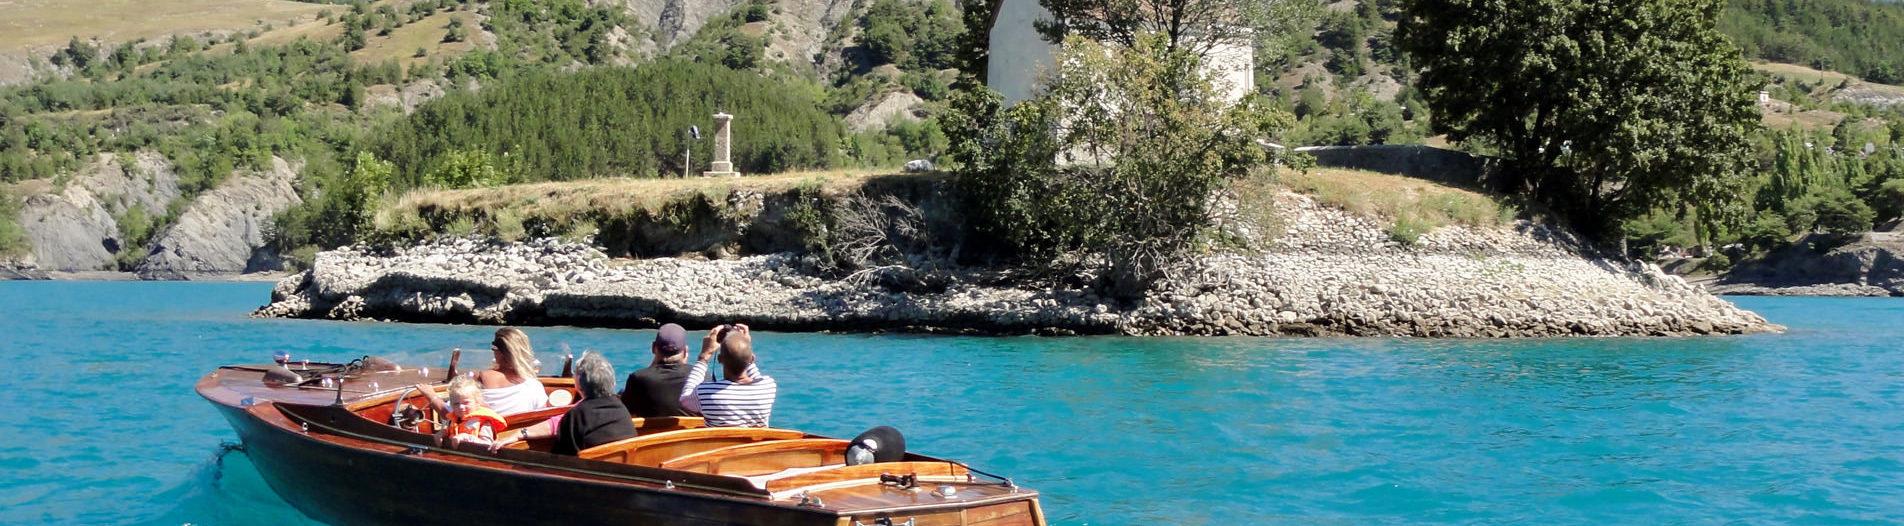 Visite sur l'eau